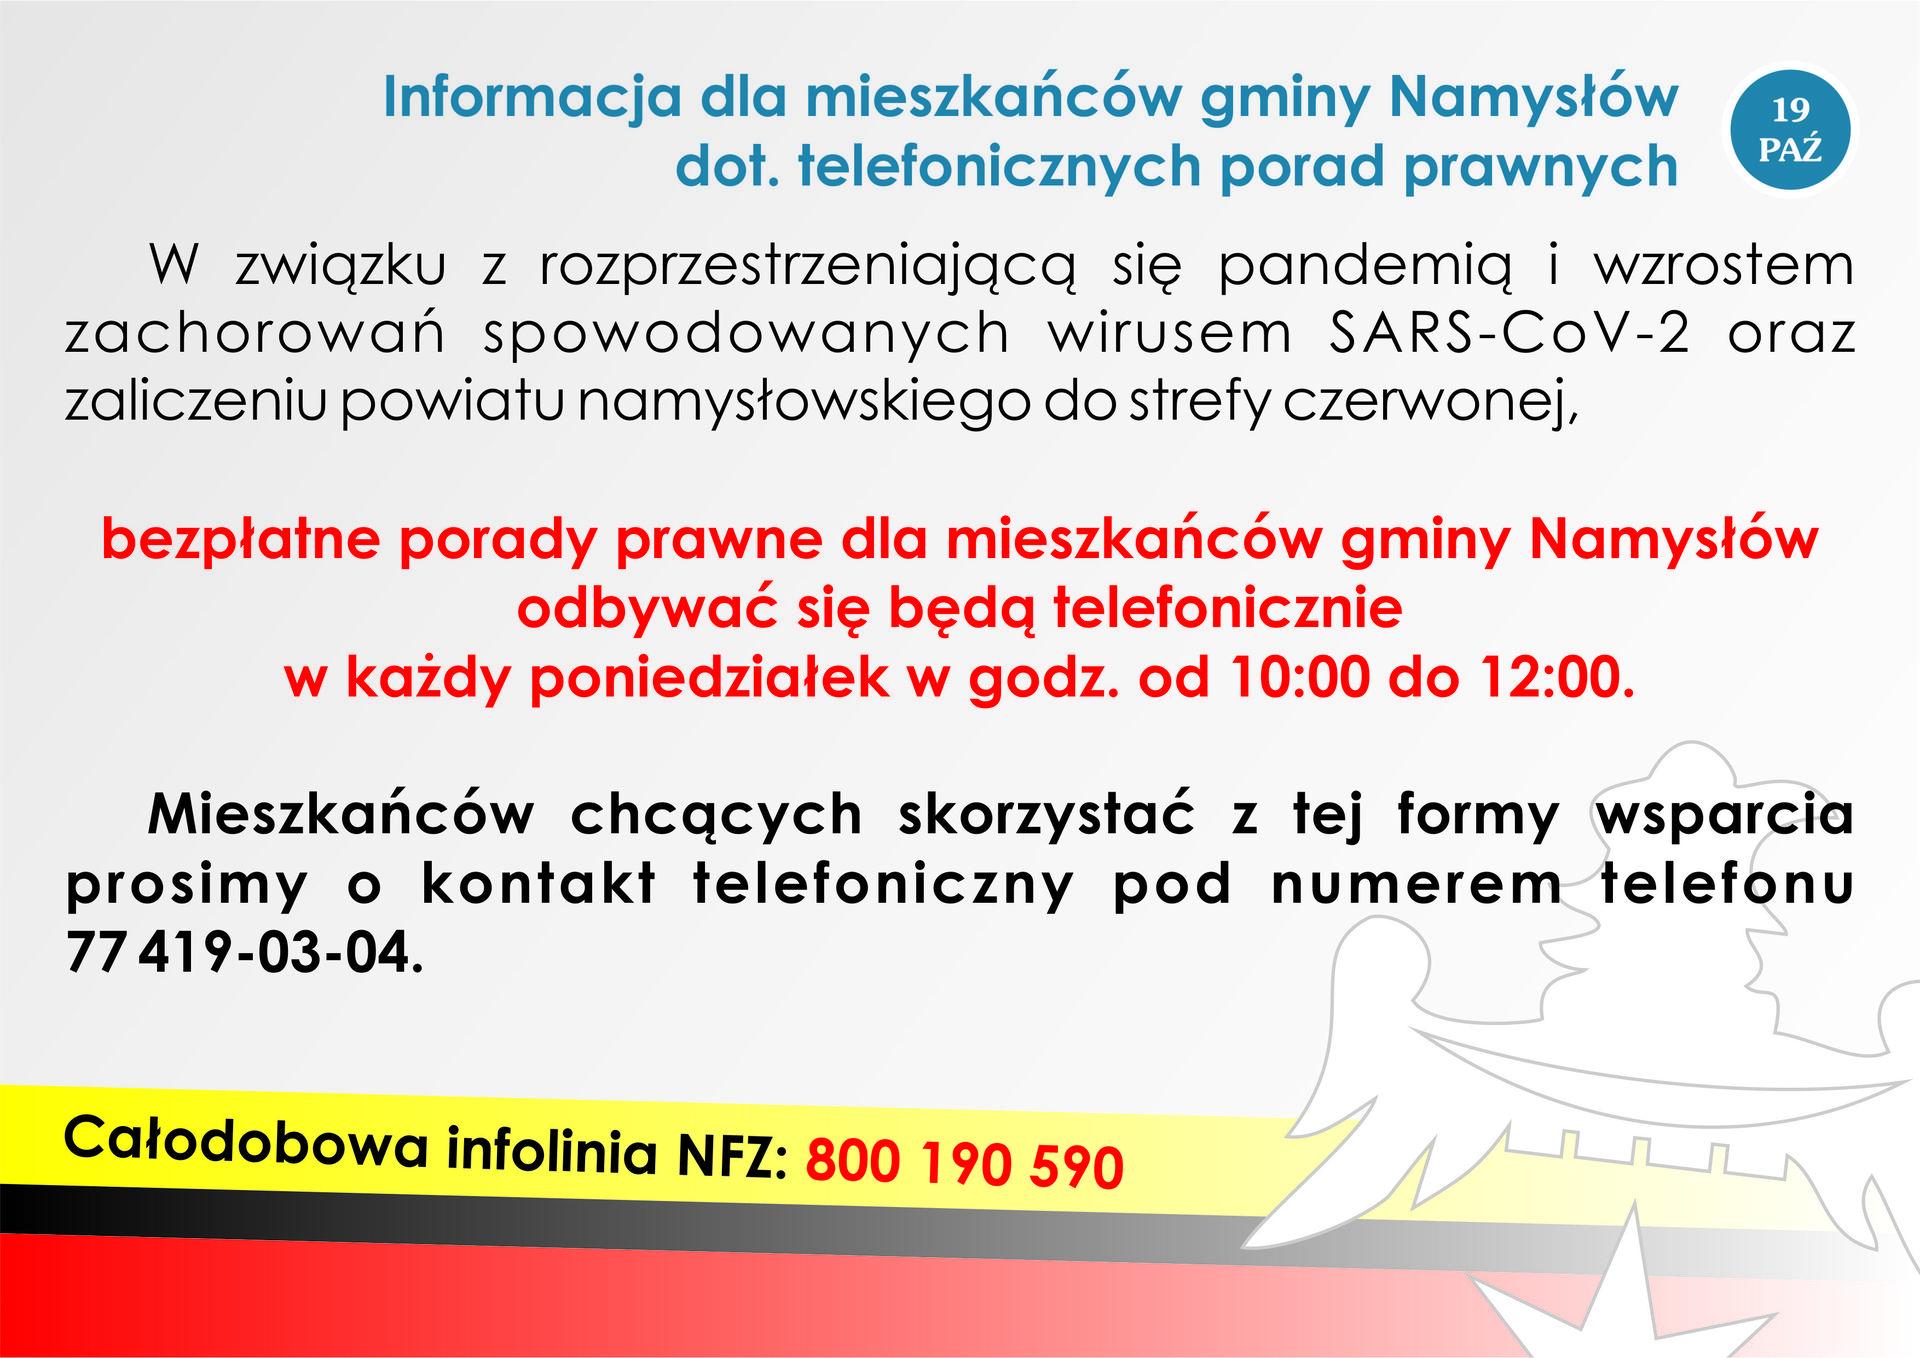 Informacja dla mieszkańców gminy Namysłów dot. telefonicznych porad prawnych (19-10-2020).jpeg